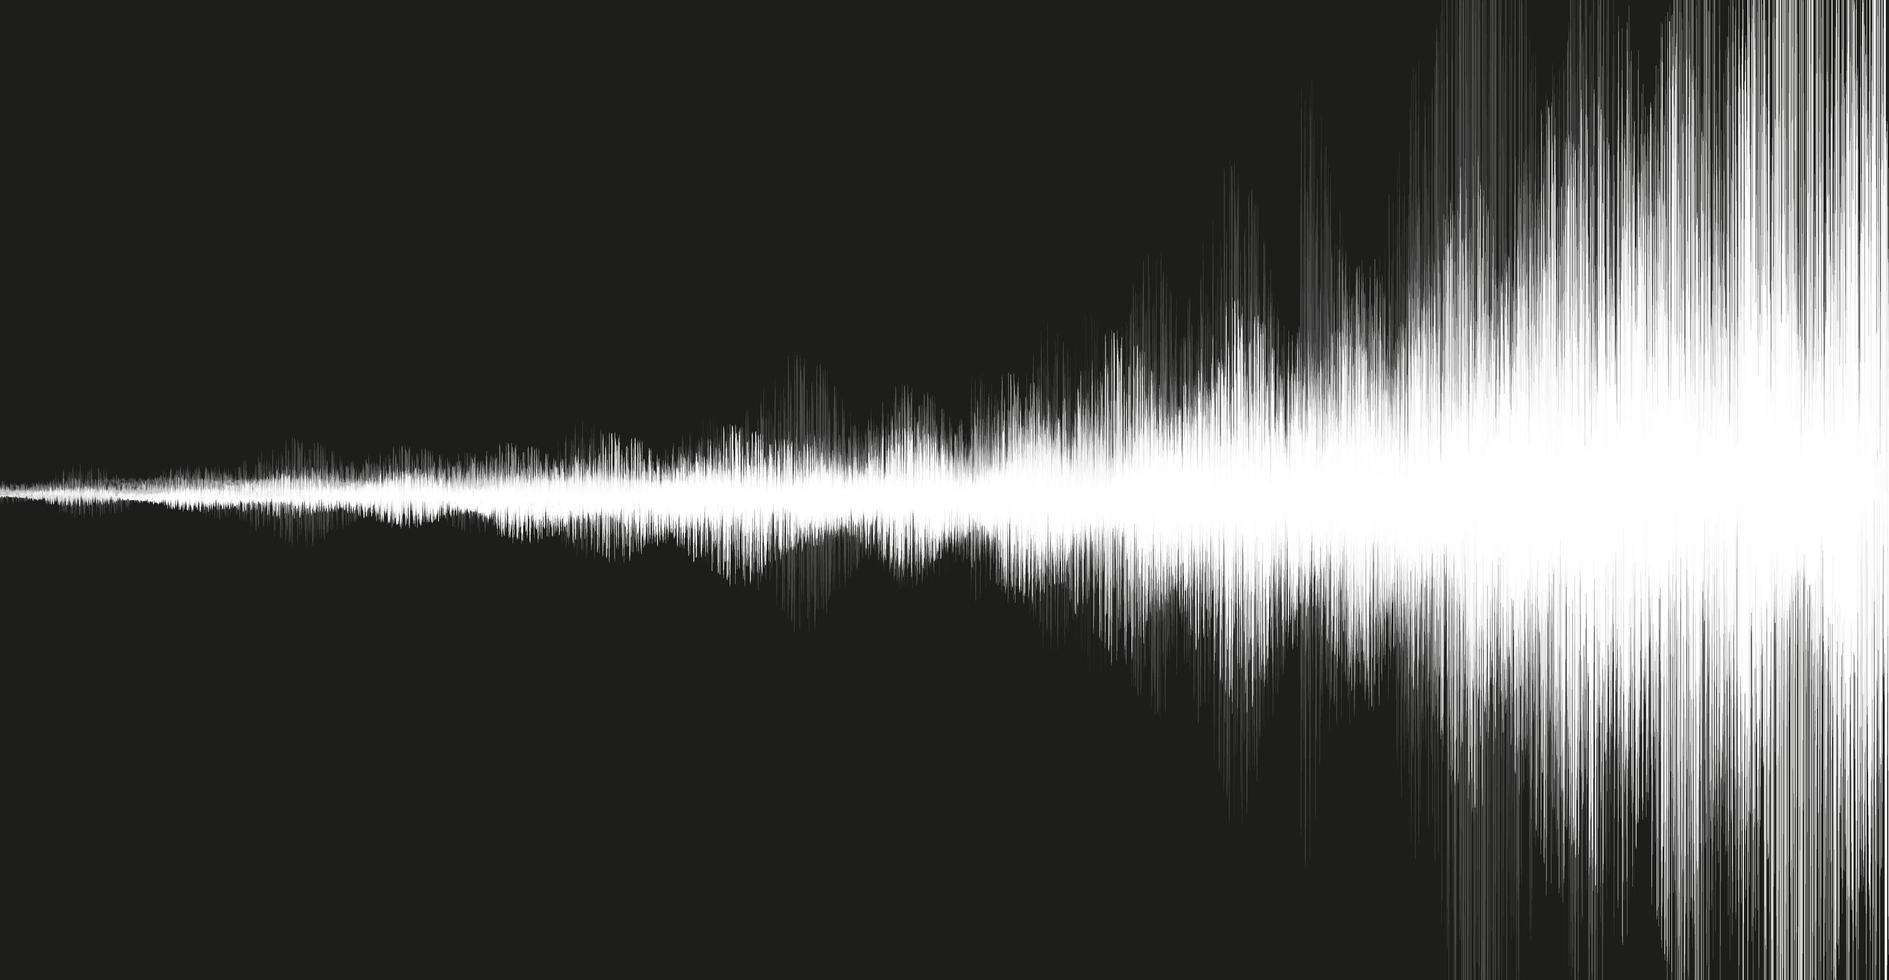 witte aardbevingsgolf op zwarte achtergrond, audiogolfdiagramconcept vector